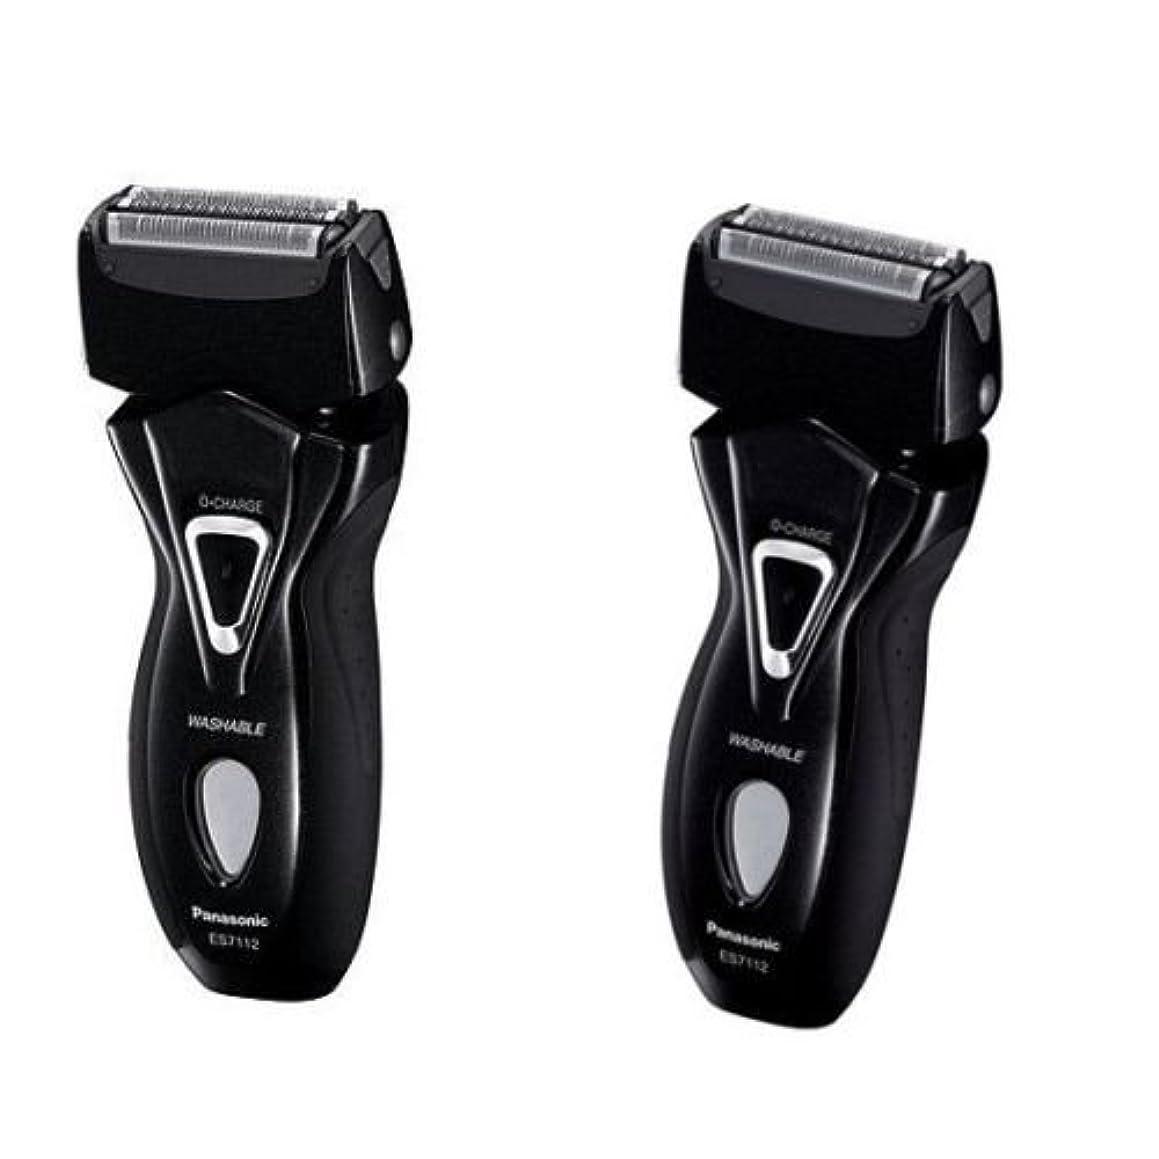 感動するタイマー日付付きPanasonic ES-7112 メンズシェーバーRAMのダッシュ3剃る100-240V ES7112 /純正 [並行輸入品]